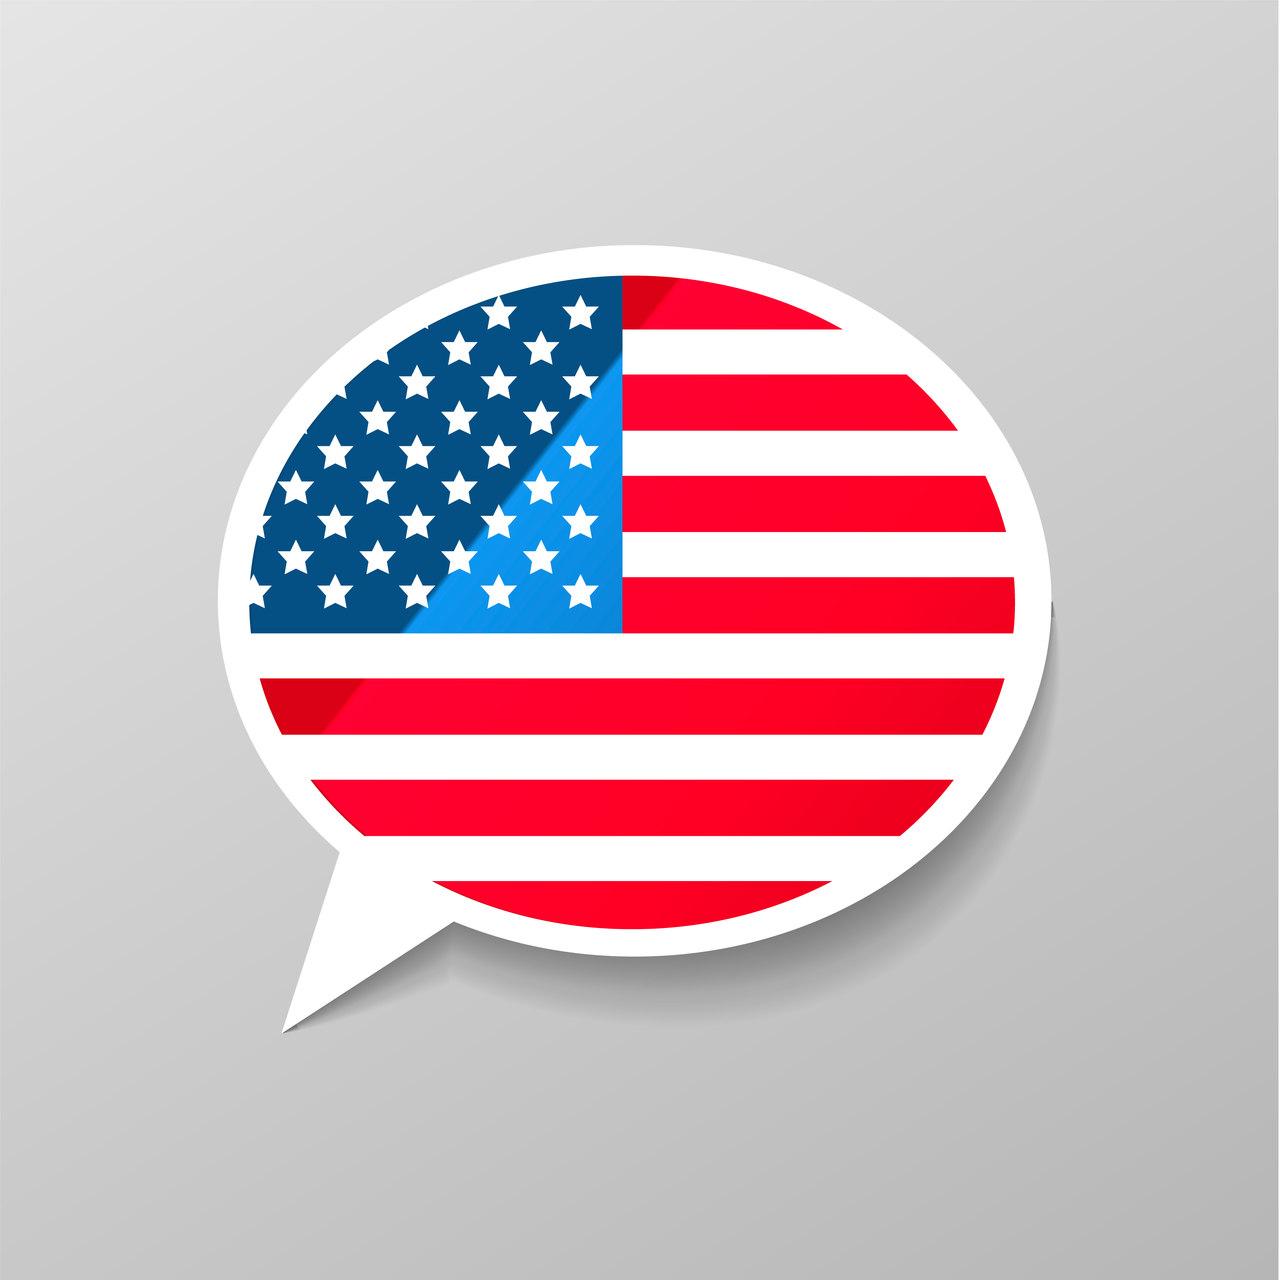 Método Inglês Rápido é bom e vale a pena? Confira opinião de alunos